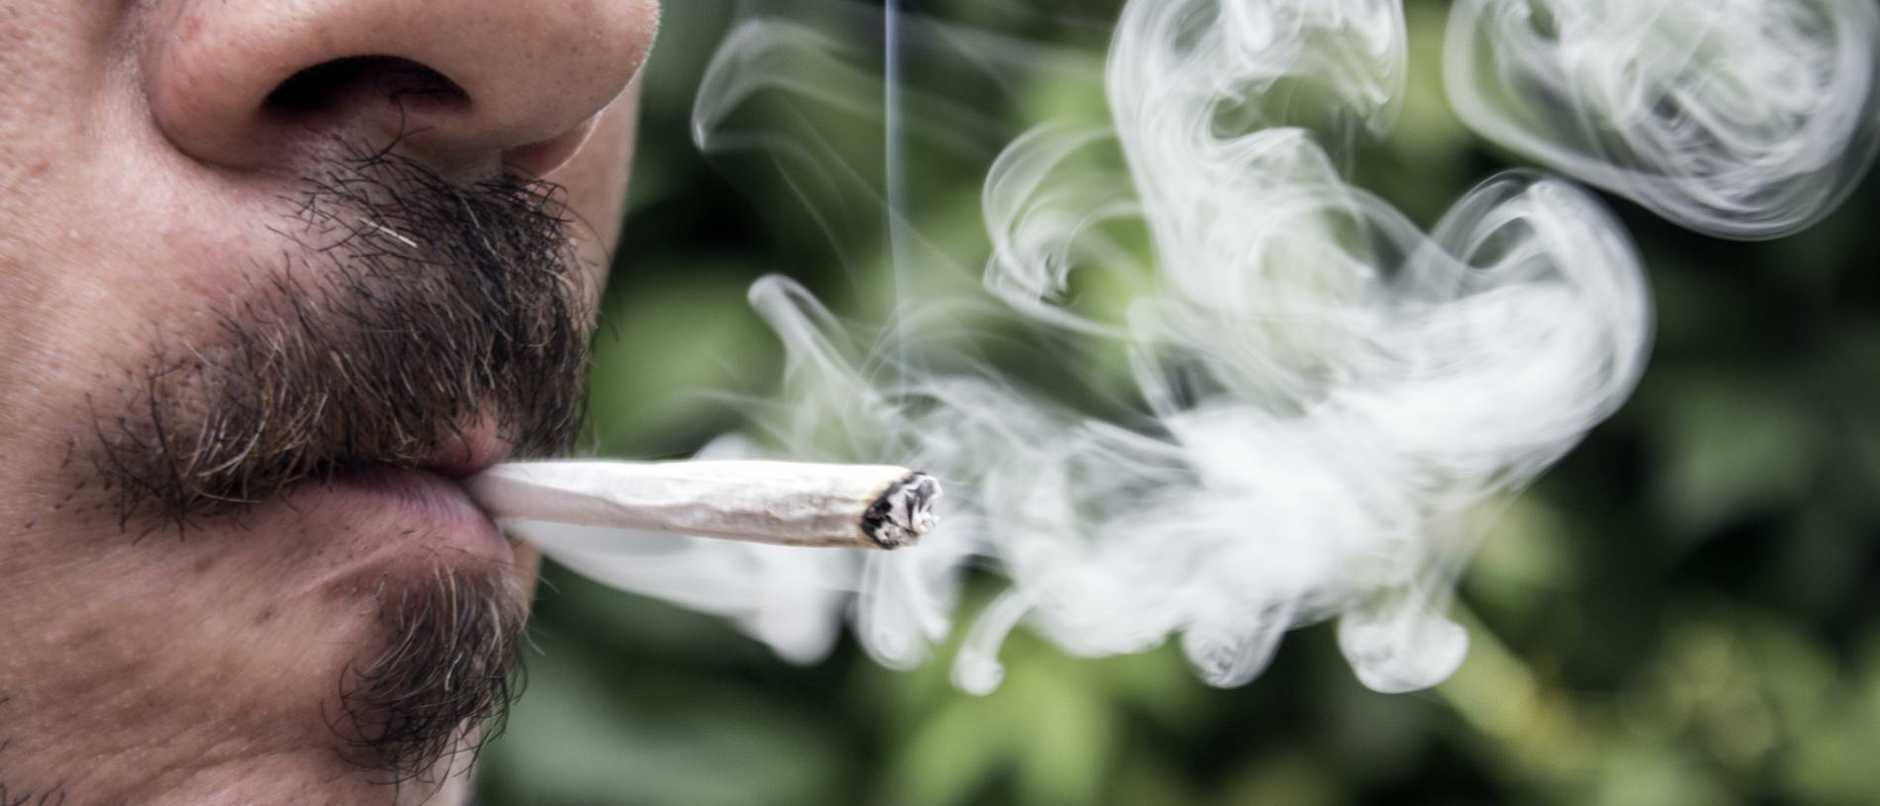 man smoking a marijuana joint